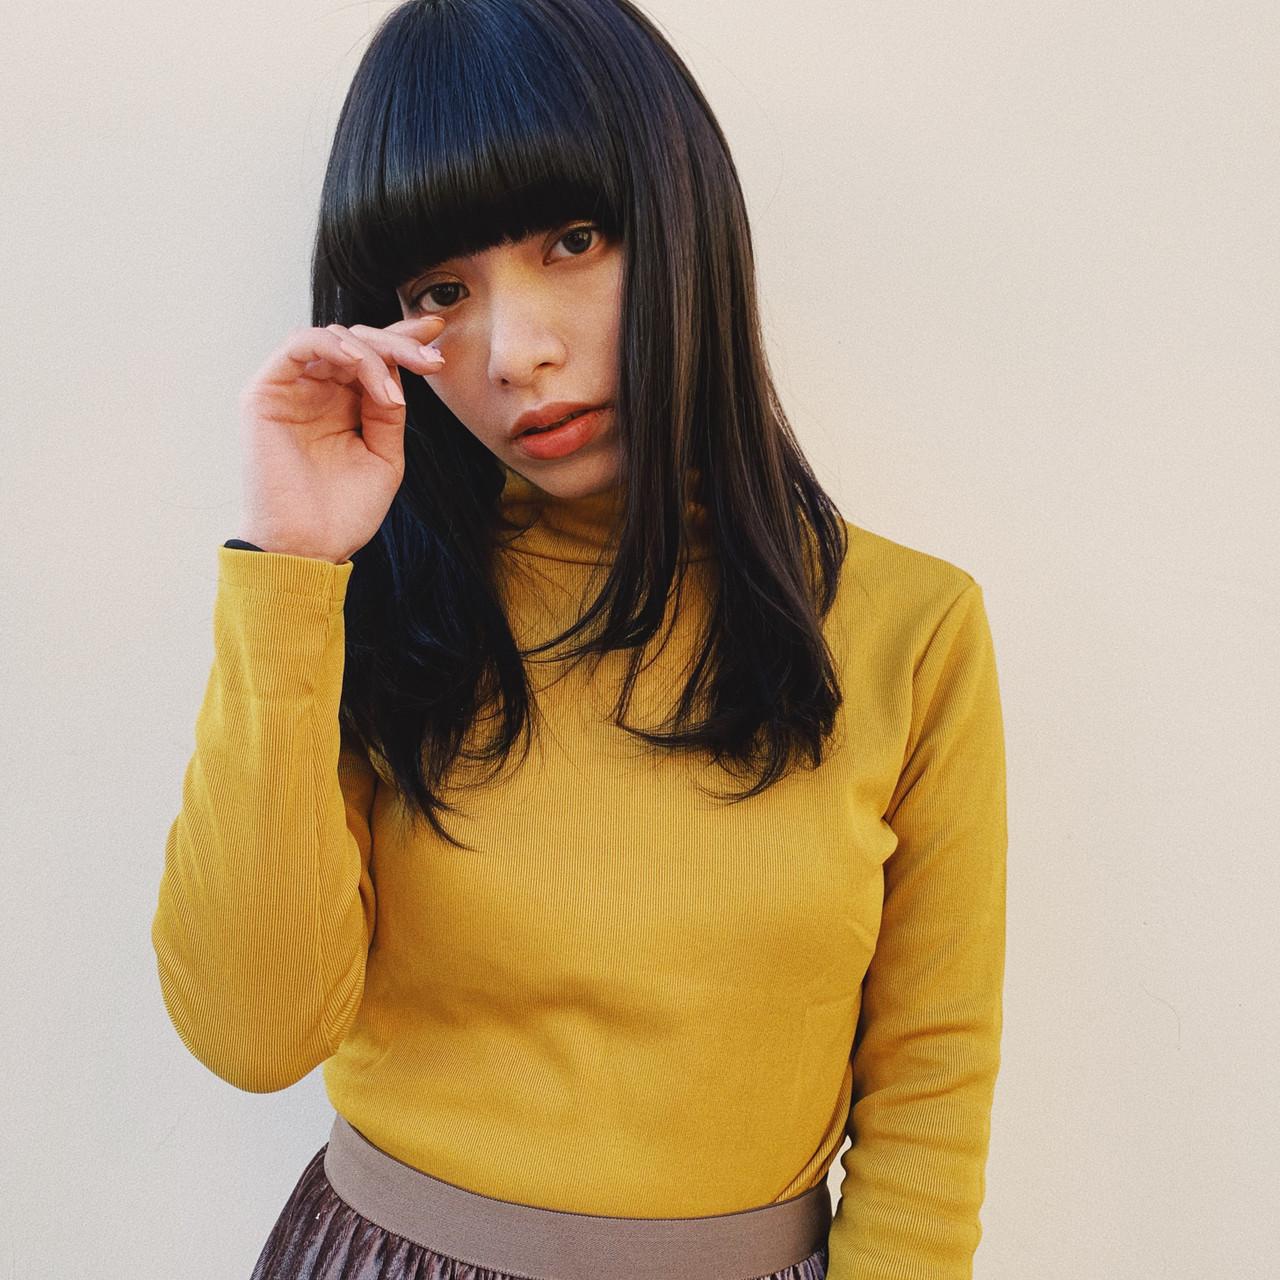 ニュアンスパーマ ニュアンスヘア ナチュラル ミディアムレイヤー ヘアスタイルや髪型の写真・画像